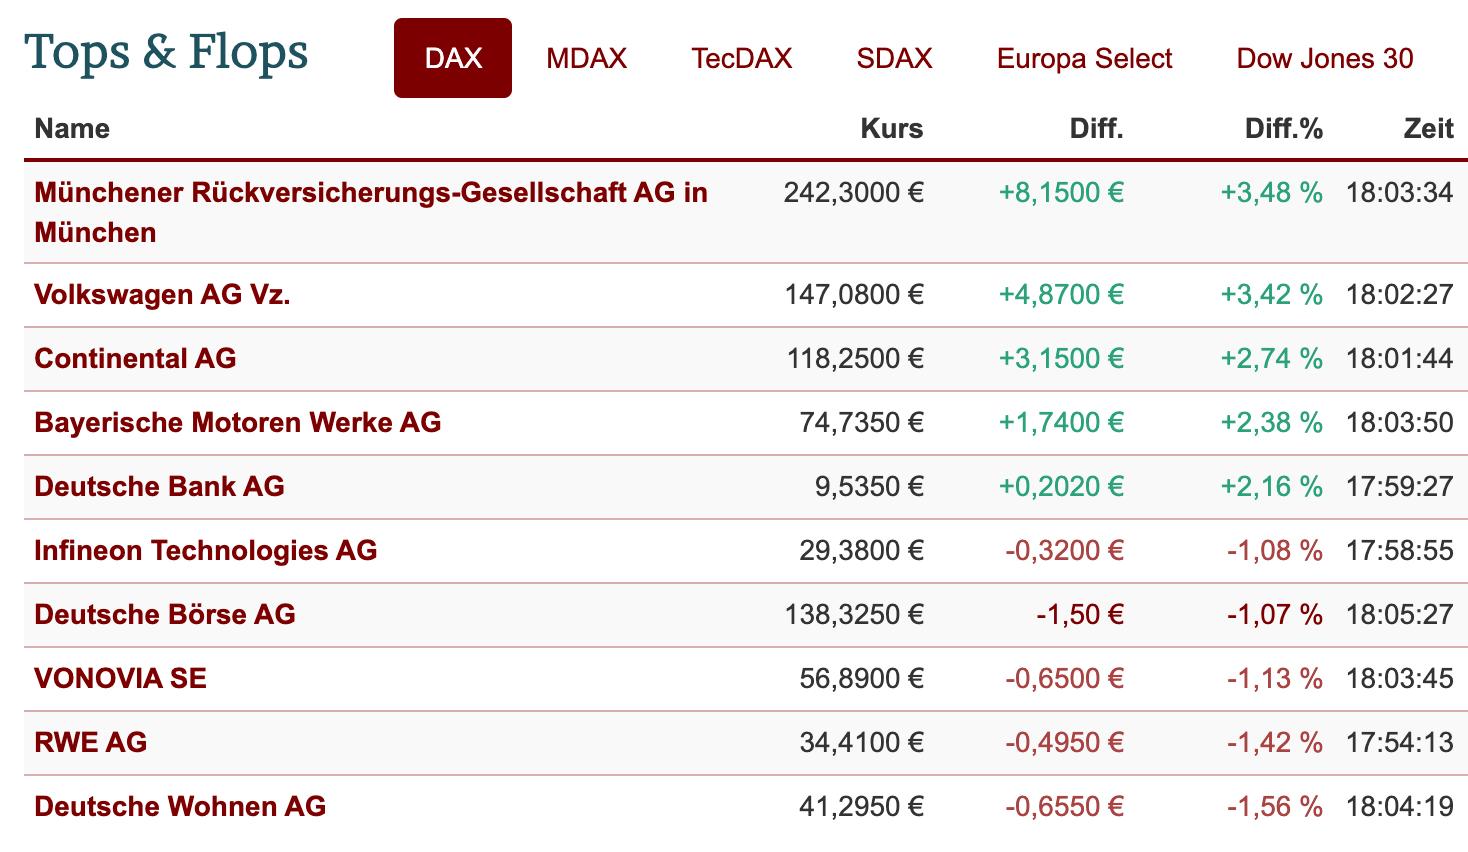 DAX-Tops und Flops am 1.12.2020